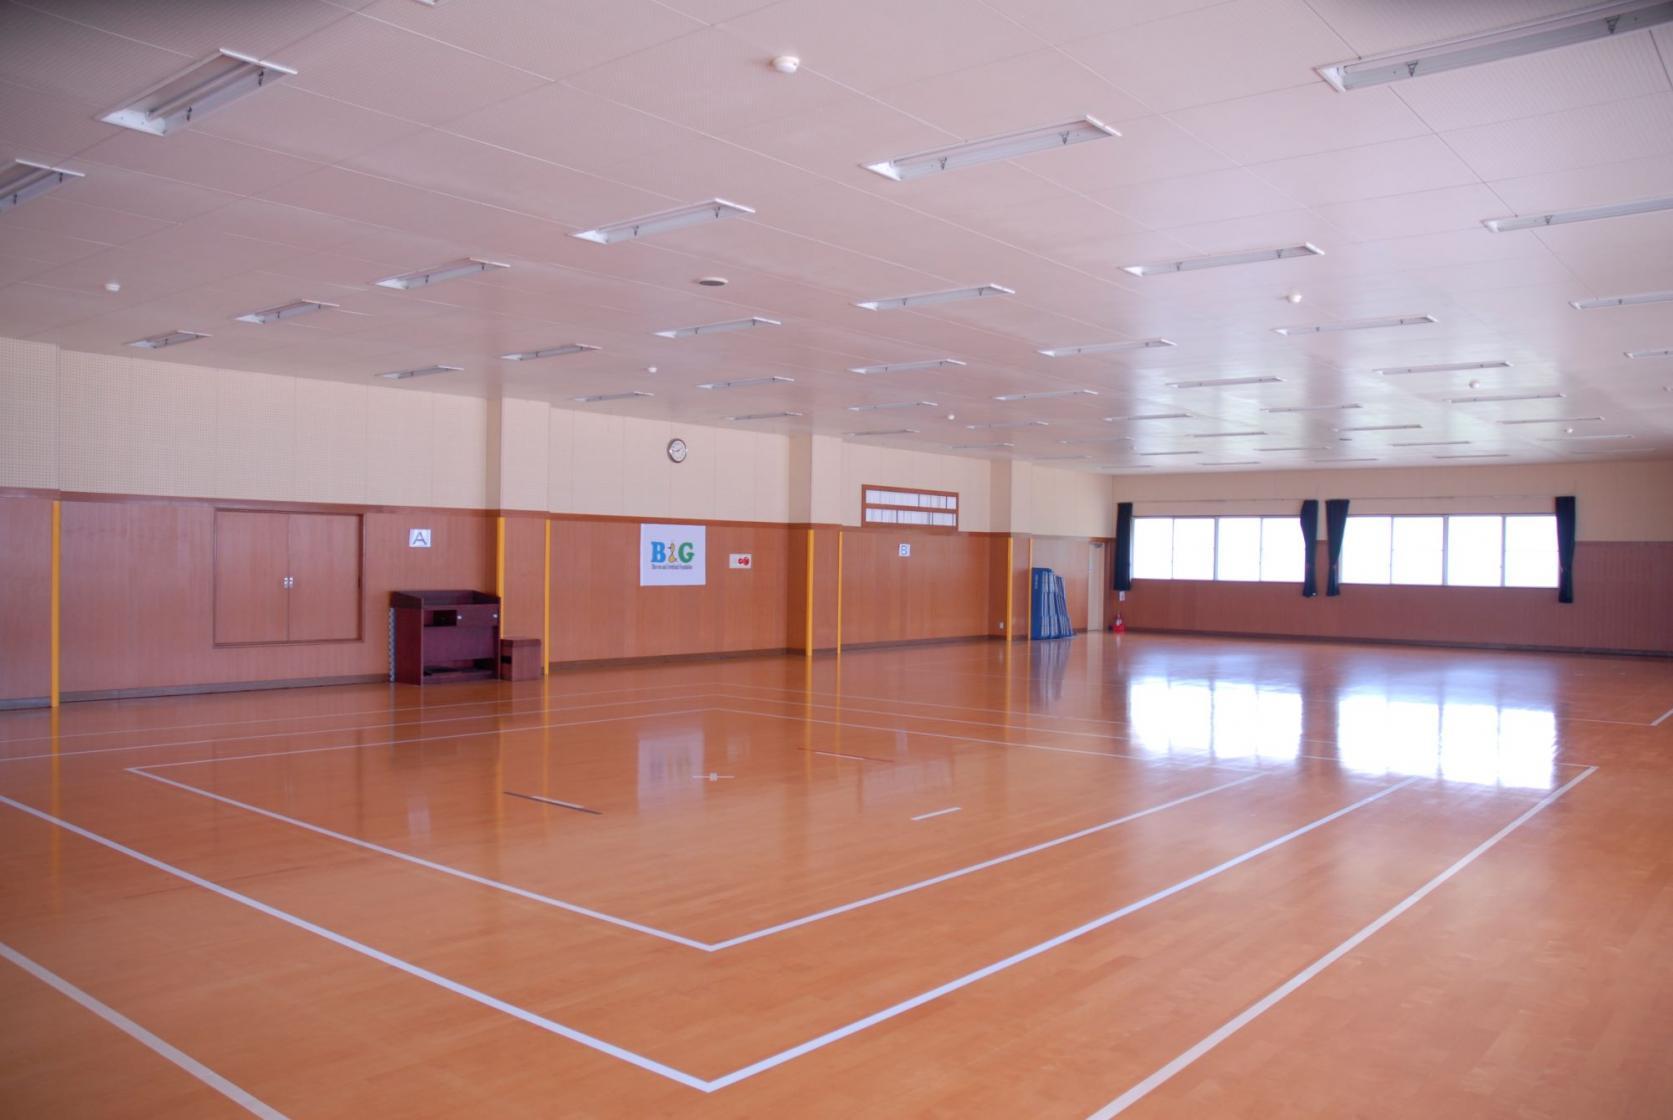 邑久スポーツ公園・邑久B&G海洋センター-6